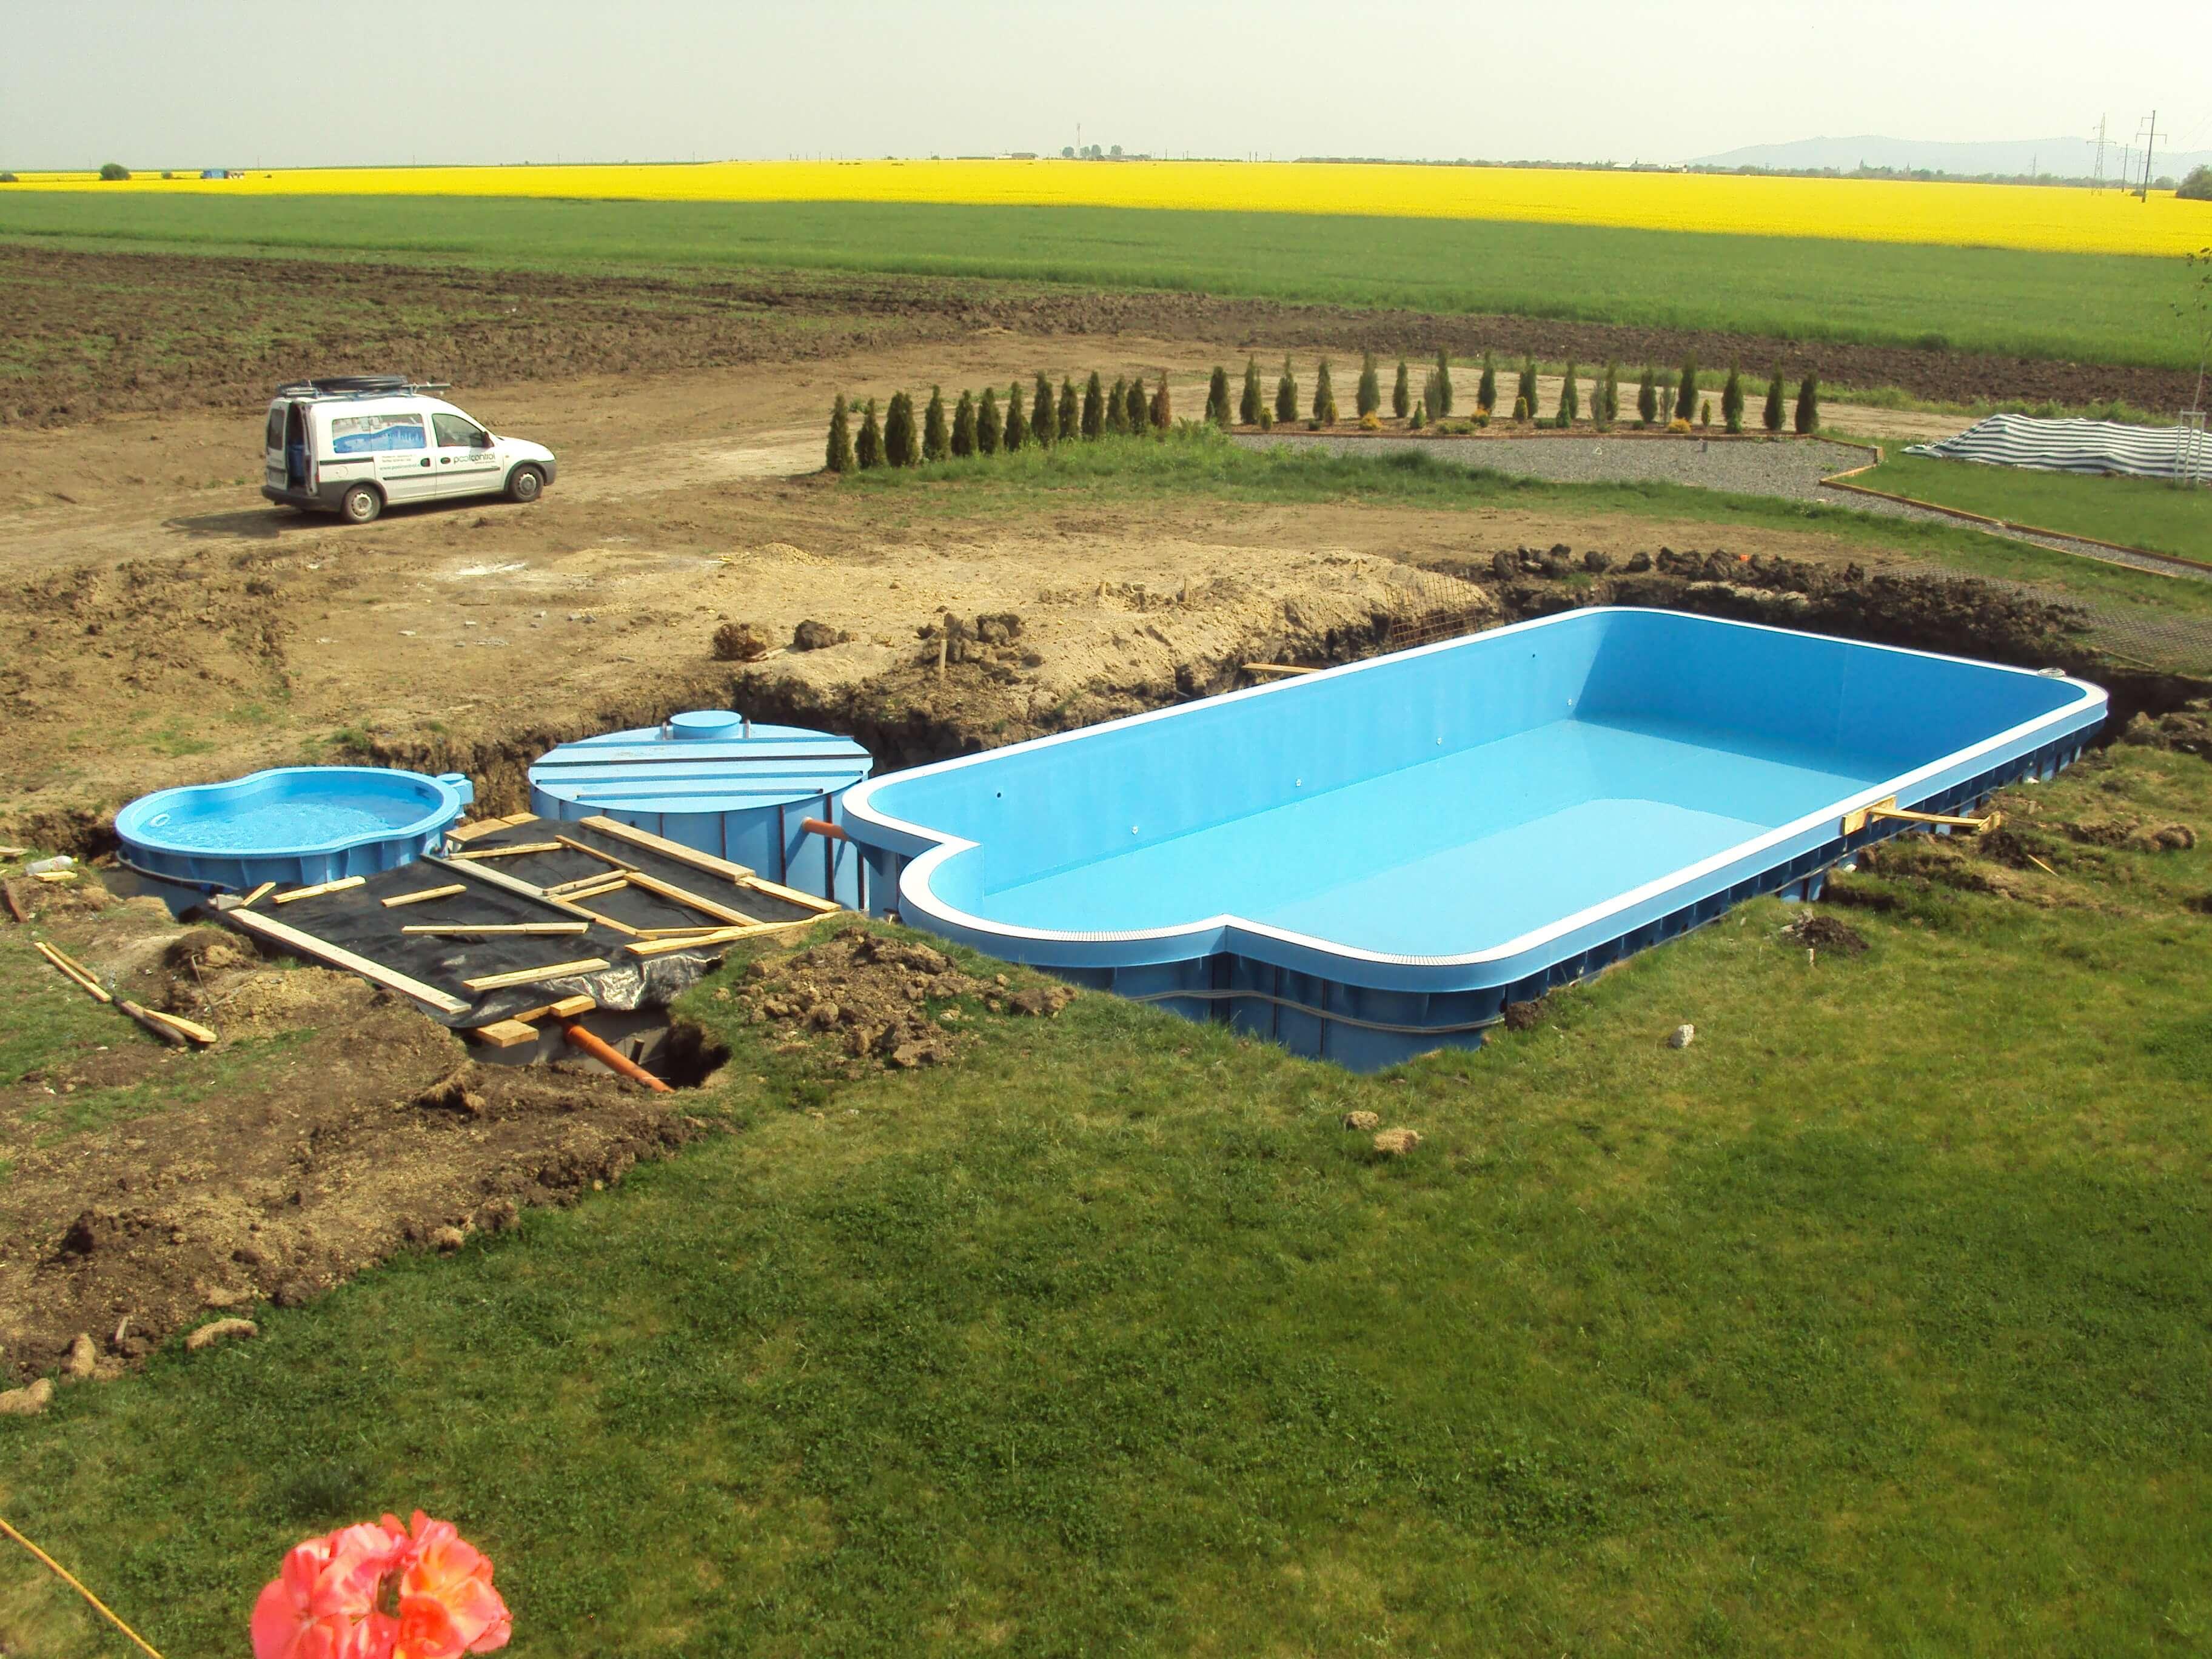 Piscine din polipropilena constructii piscine pool for Constructii piscine